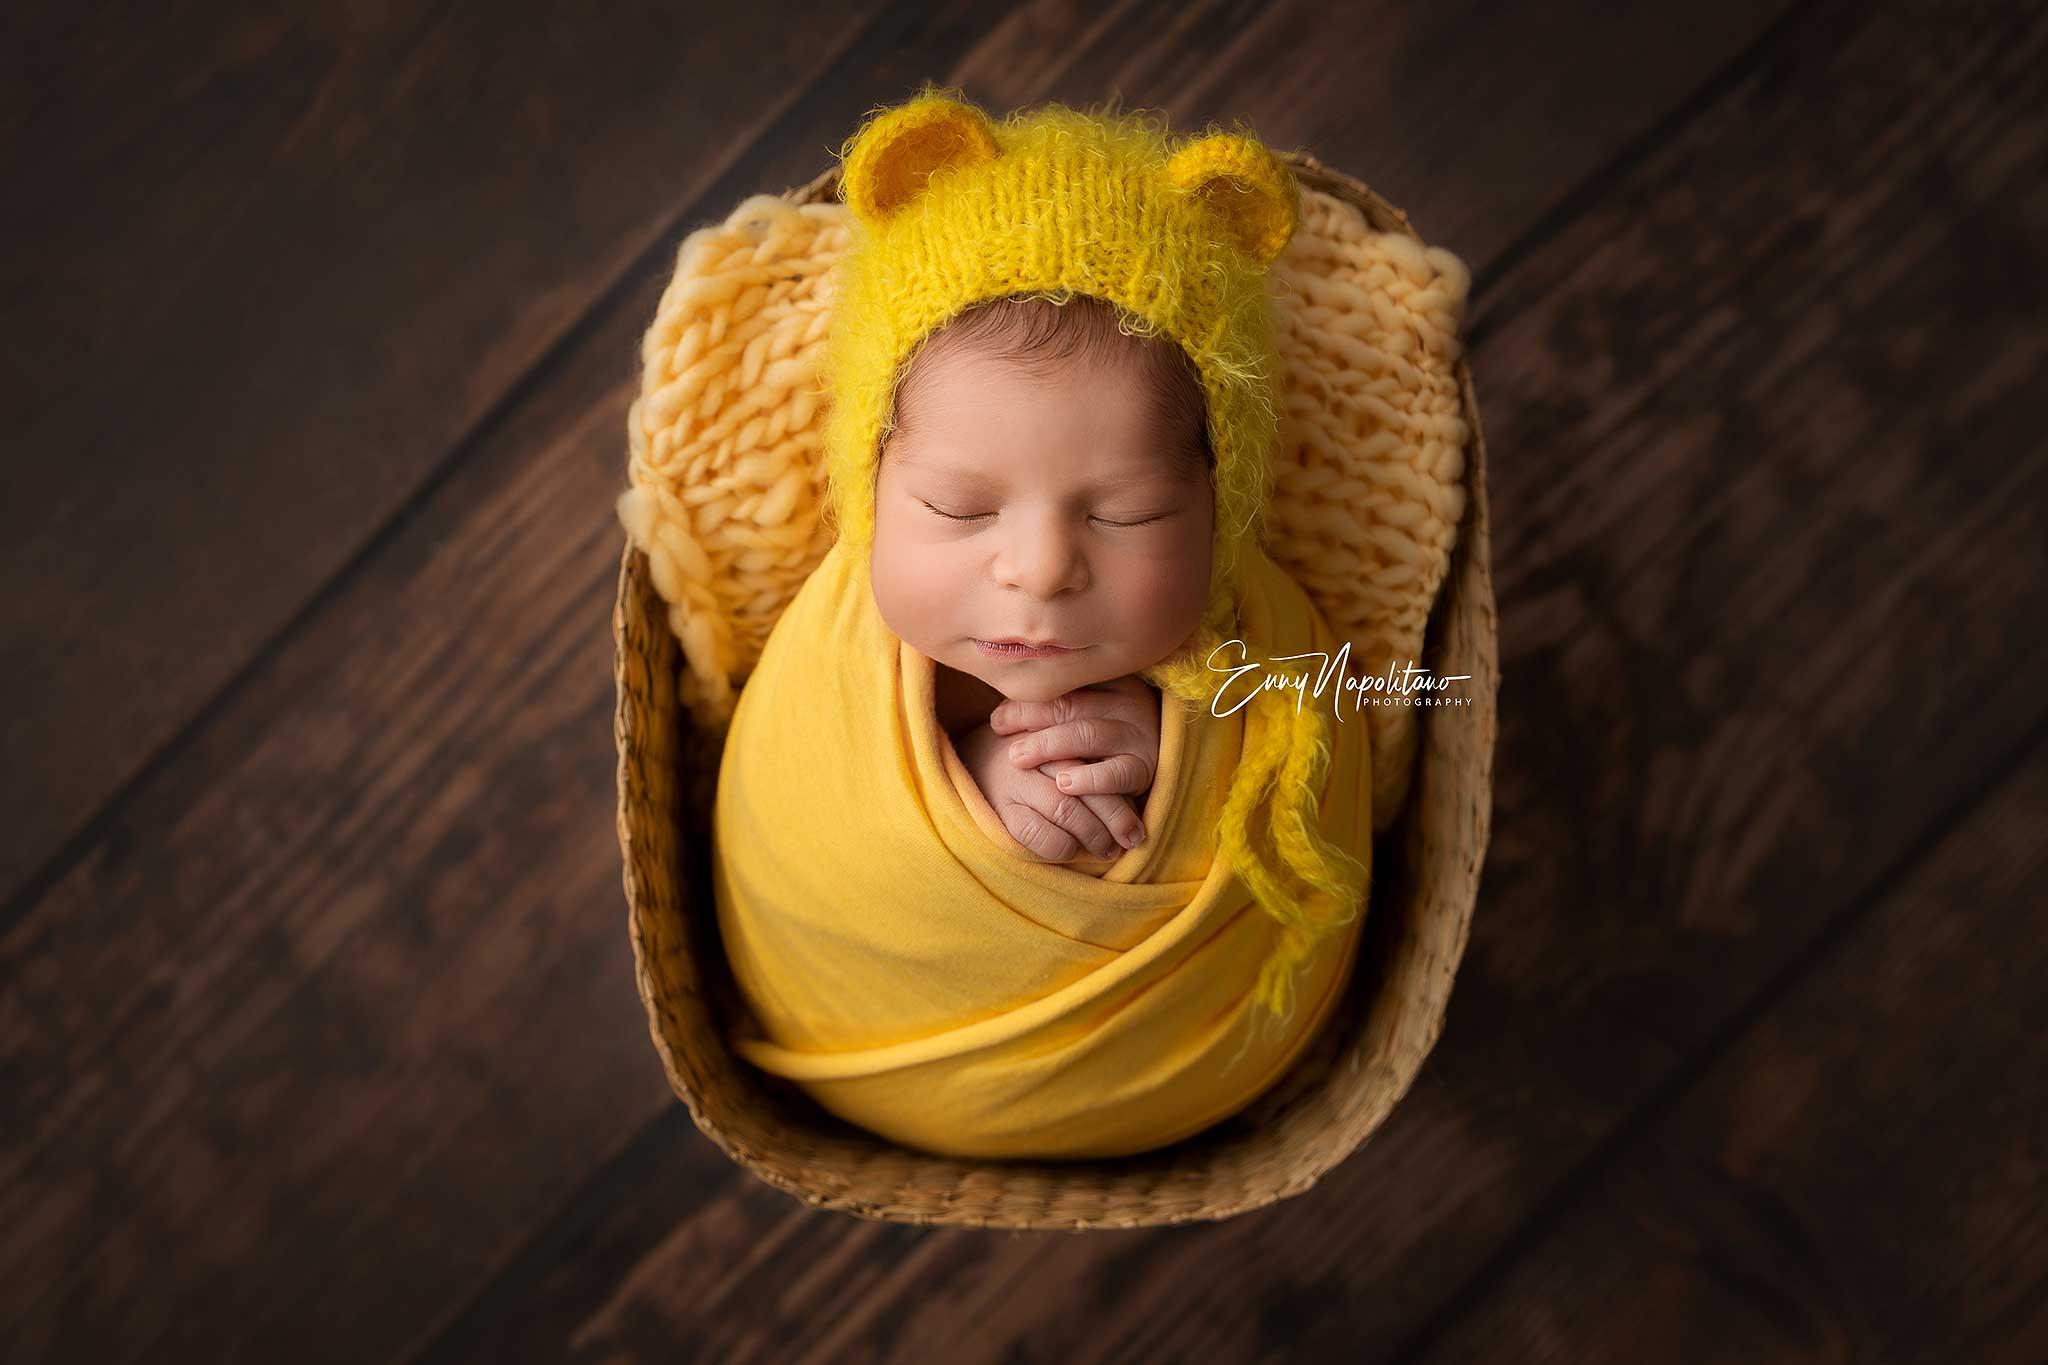 Fotografia di un neonato in un cestino con cappellino da orsacchiotto